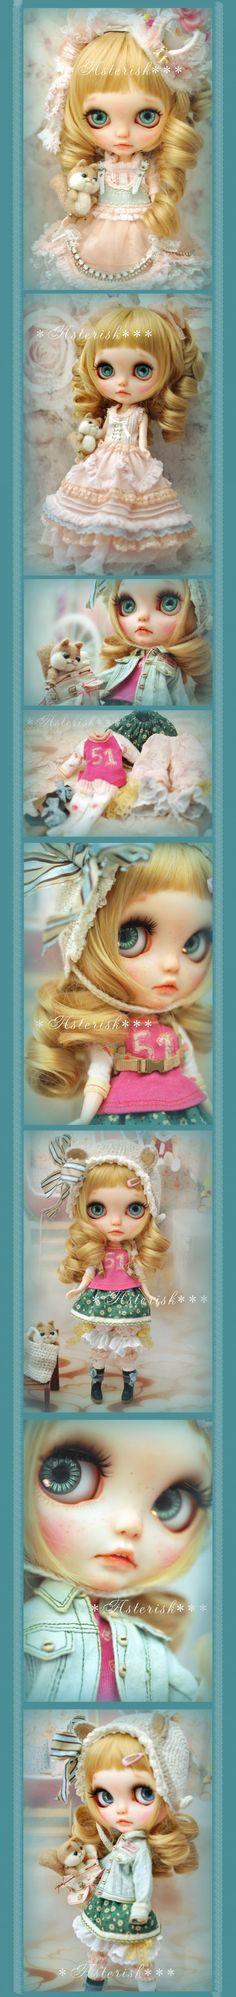 Custom Blythe dolls: Custom Blythe Chipmunk Princess by Asterisk - A Rinkya Blog